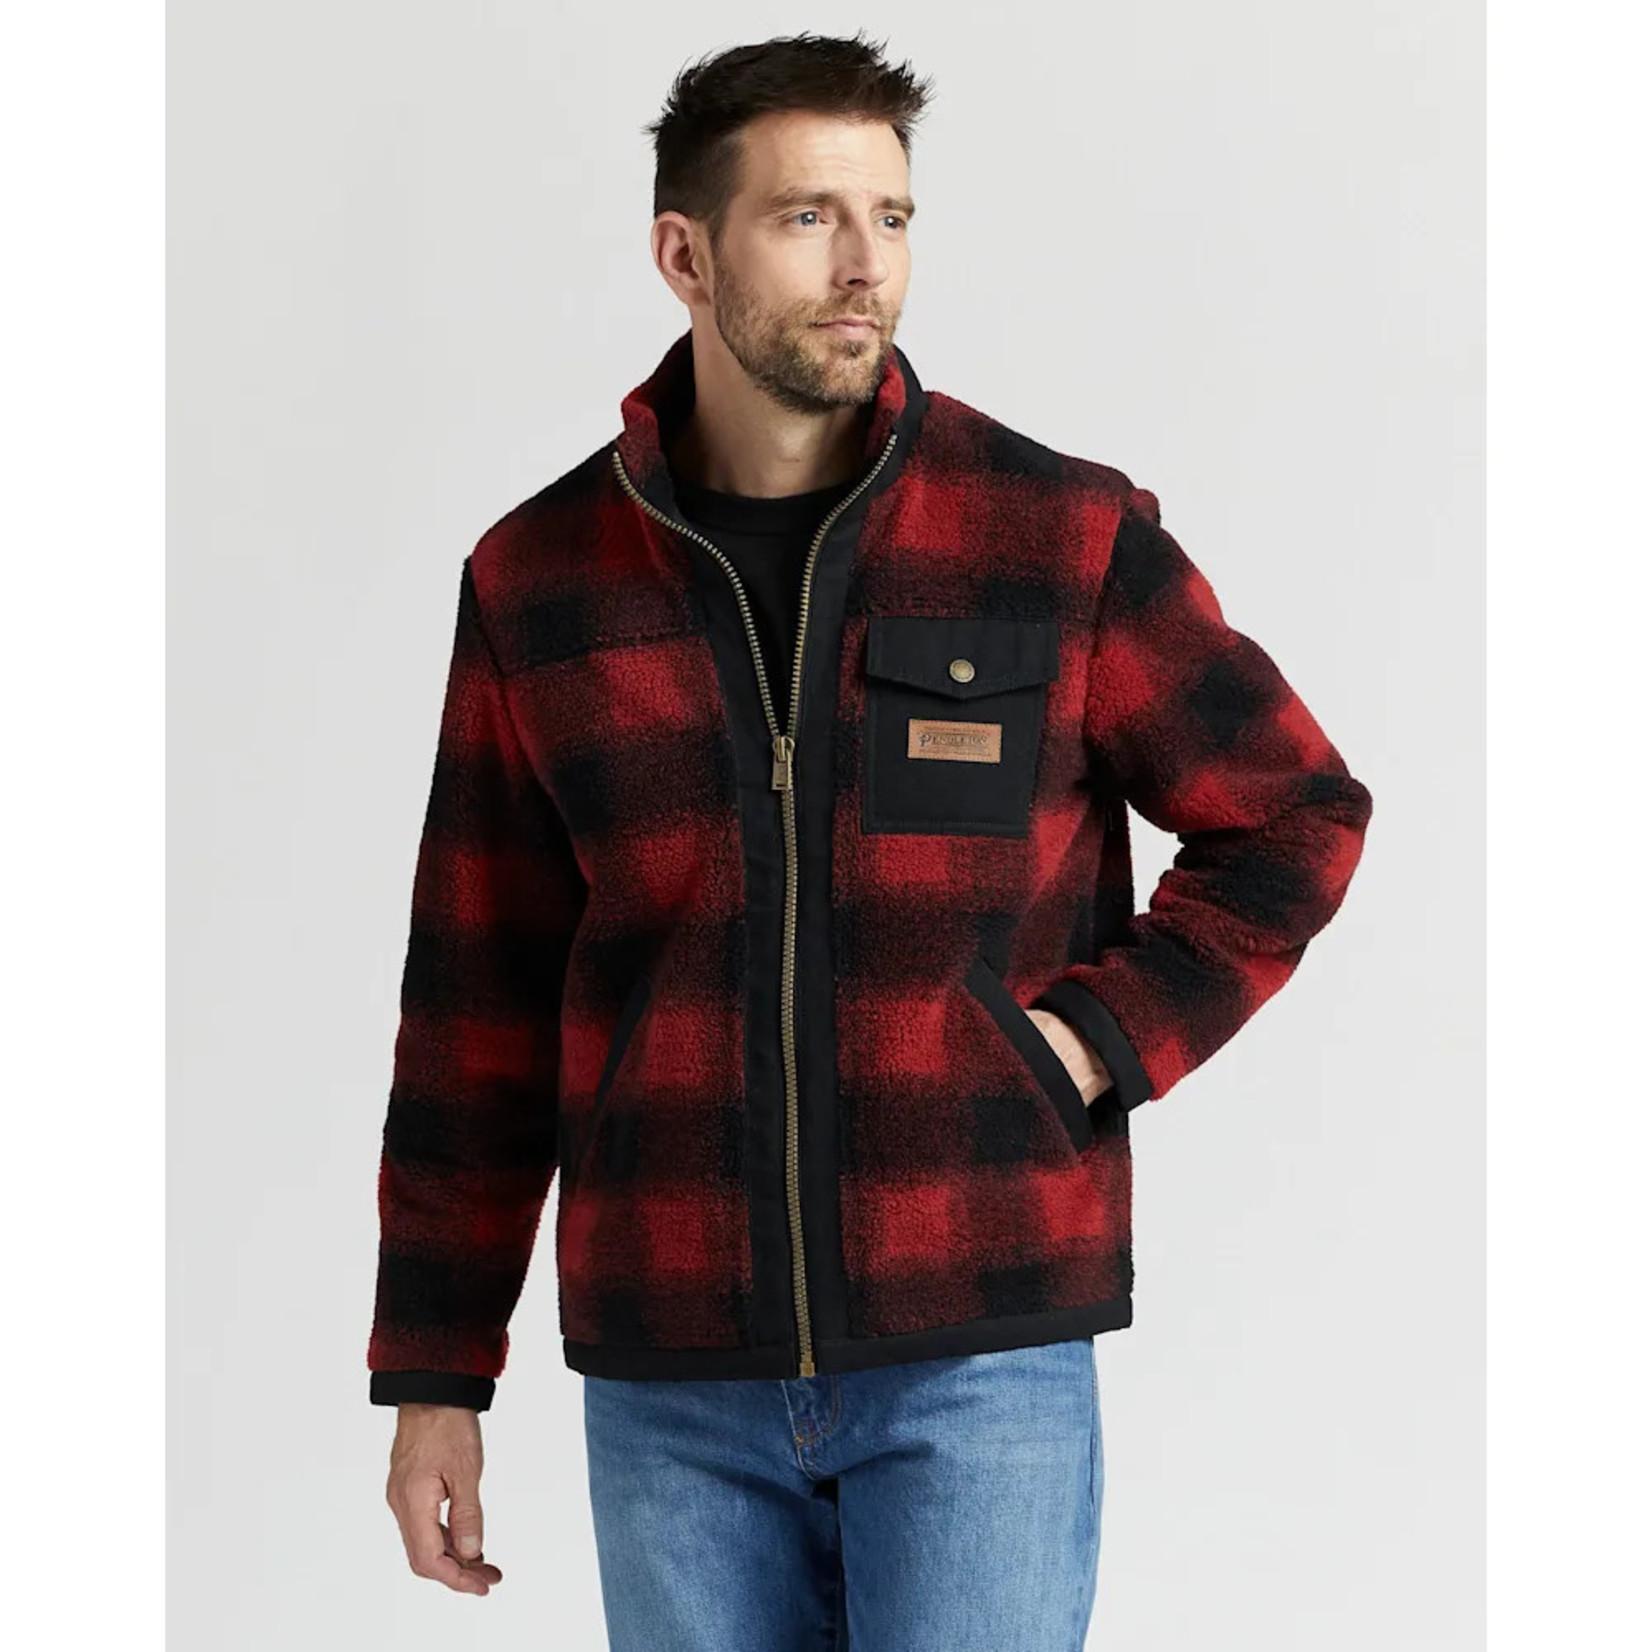 Pendleton Pendleton Lone Fir Zip Jacket C2015-83010